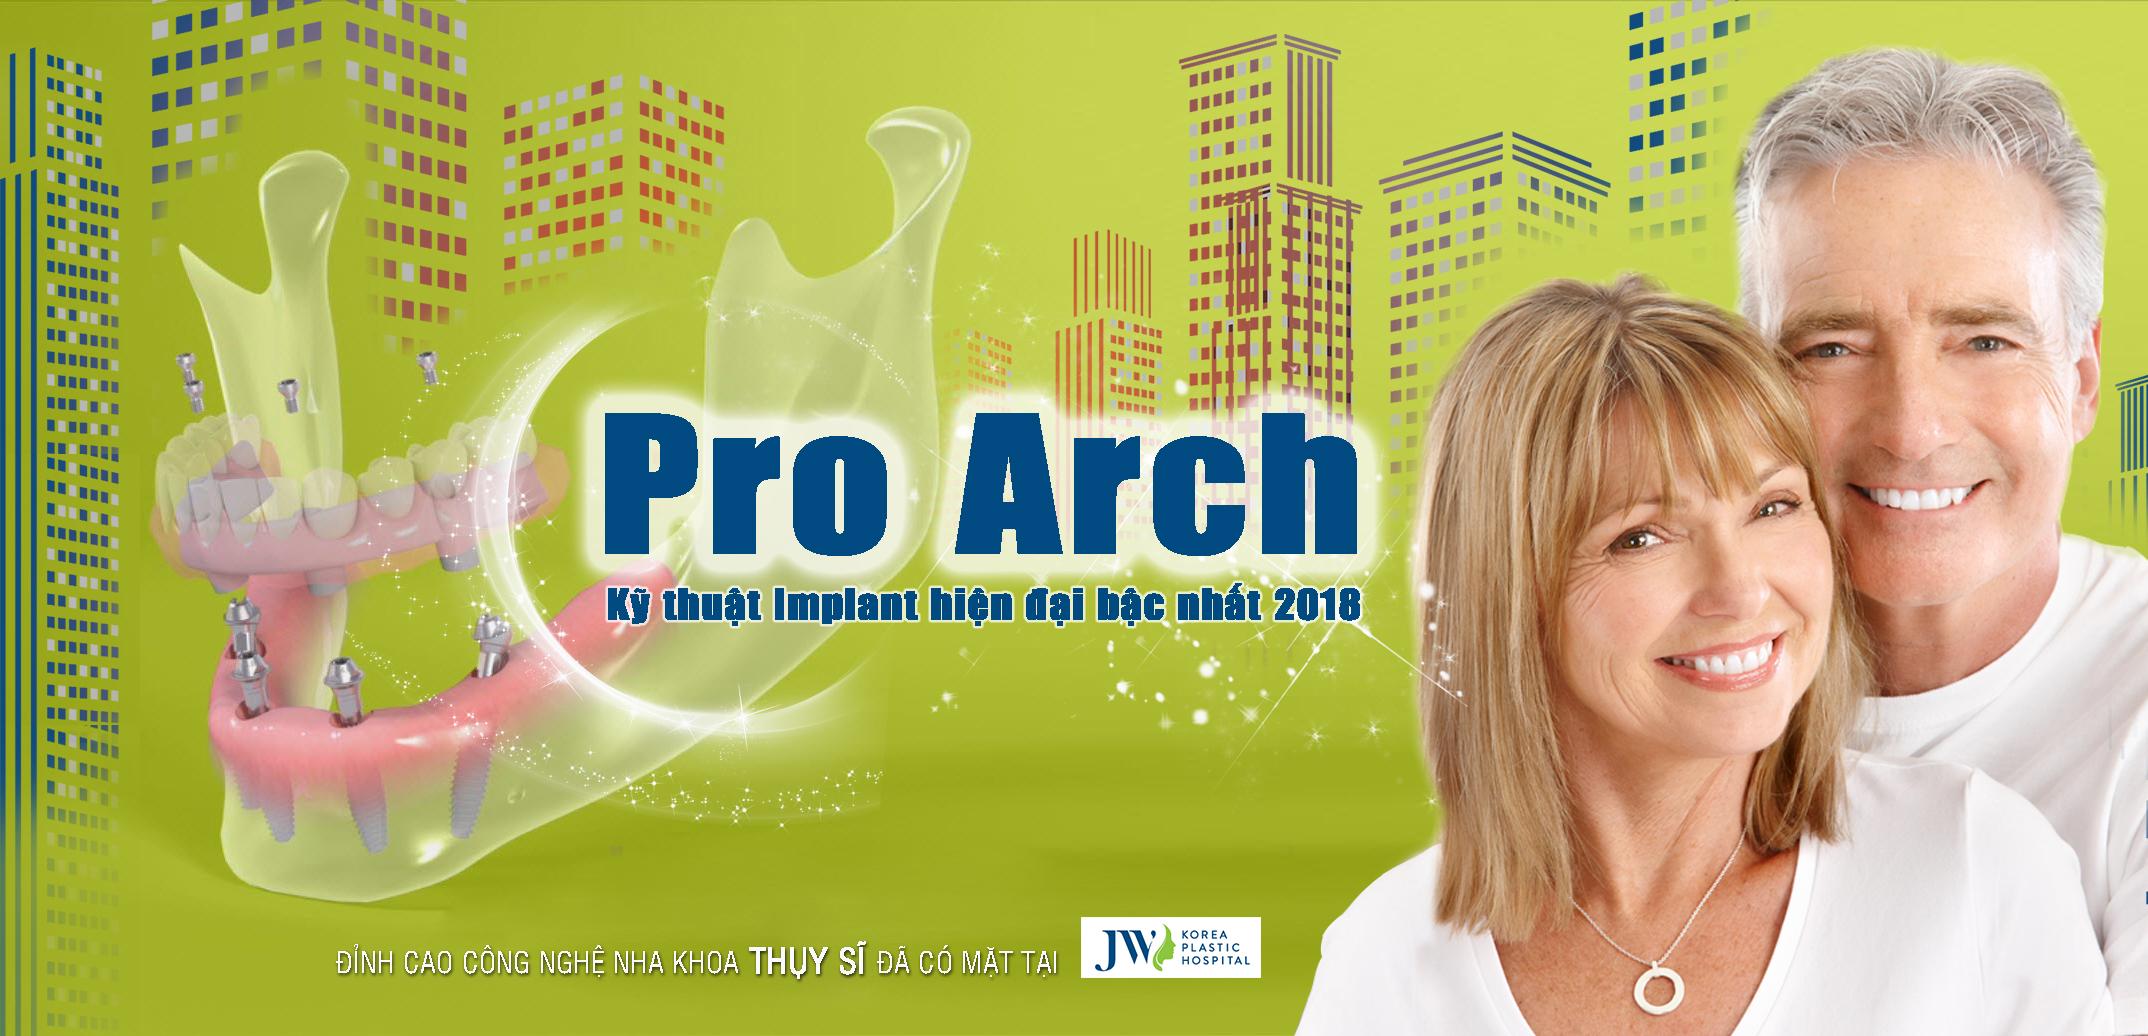 Phục hình toafn hàm Pro Arch chính là công nghệ implant nha khoa bậc nhất hiện nay